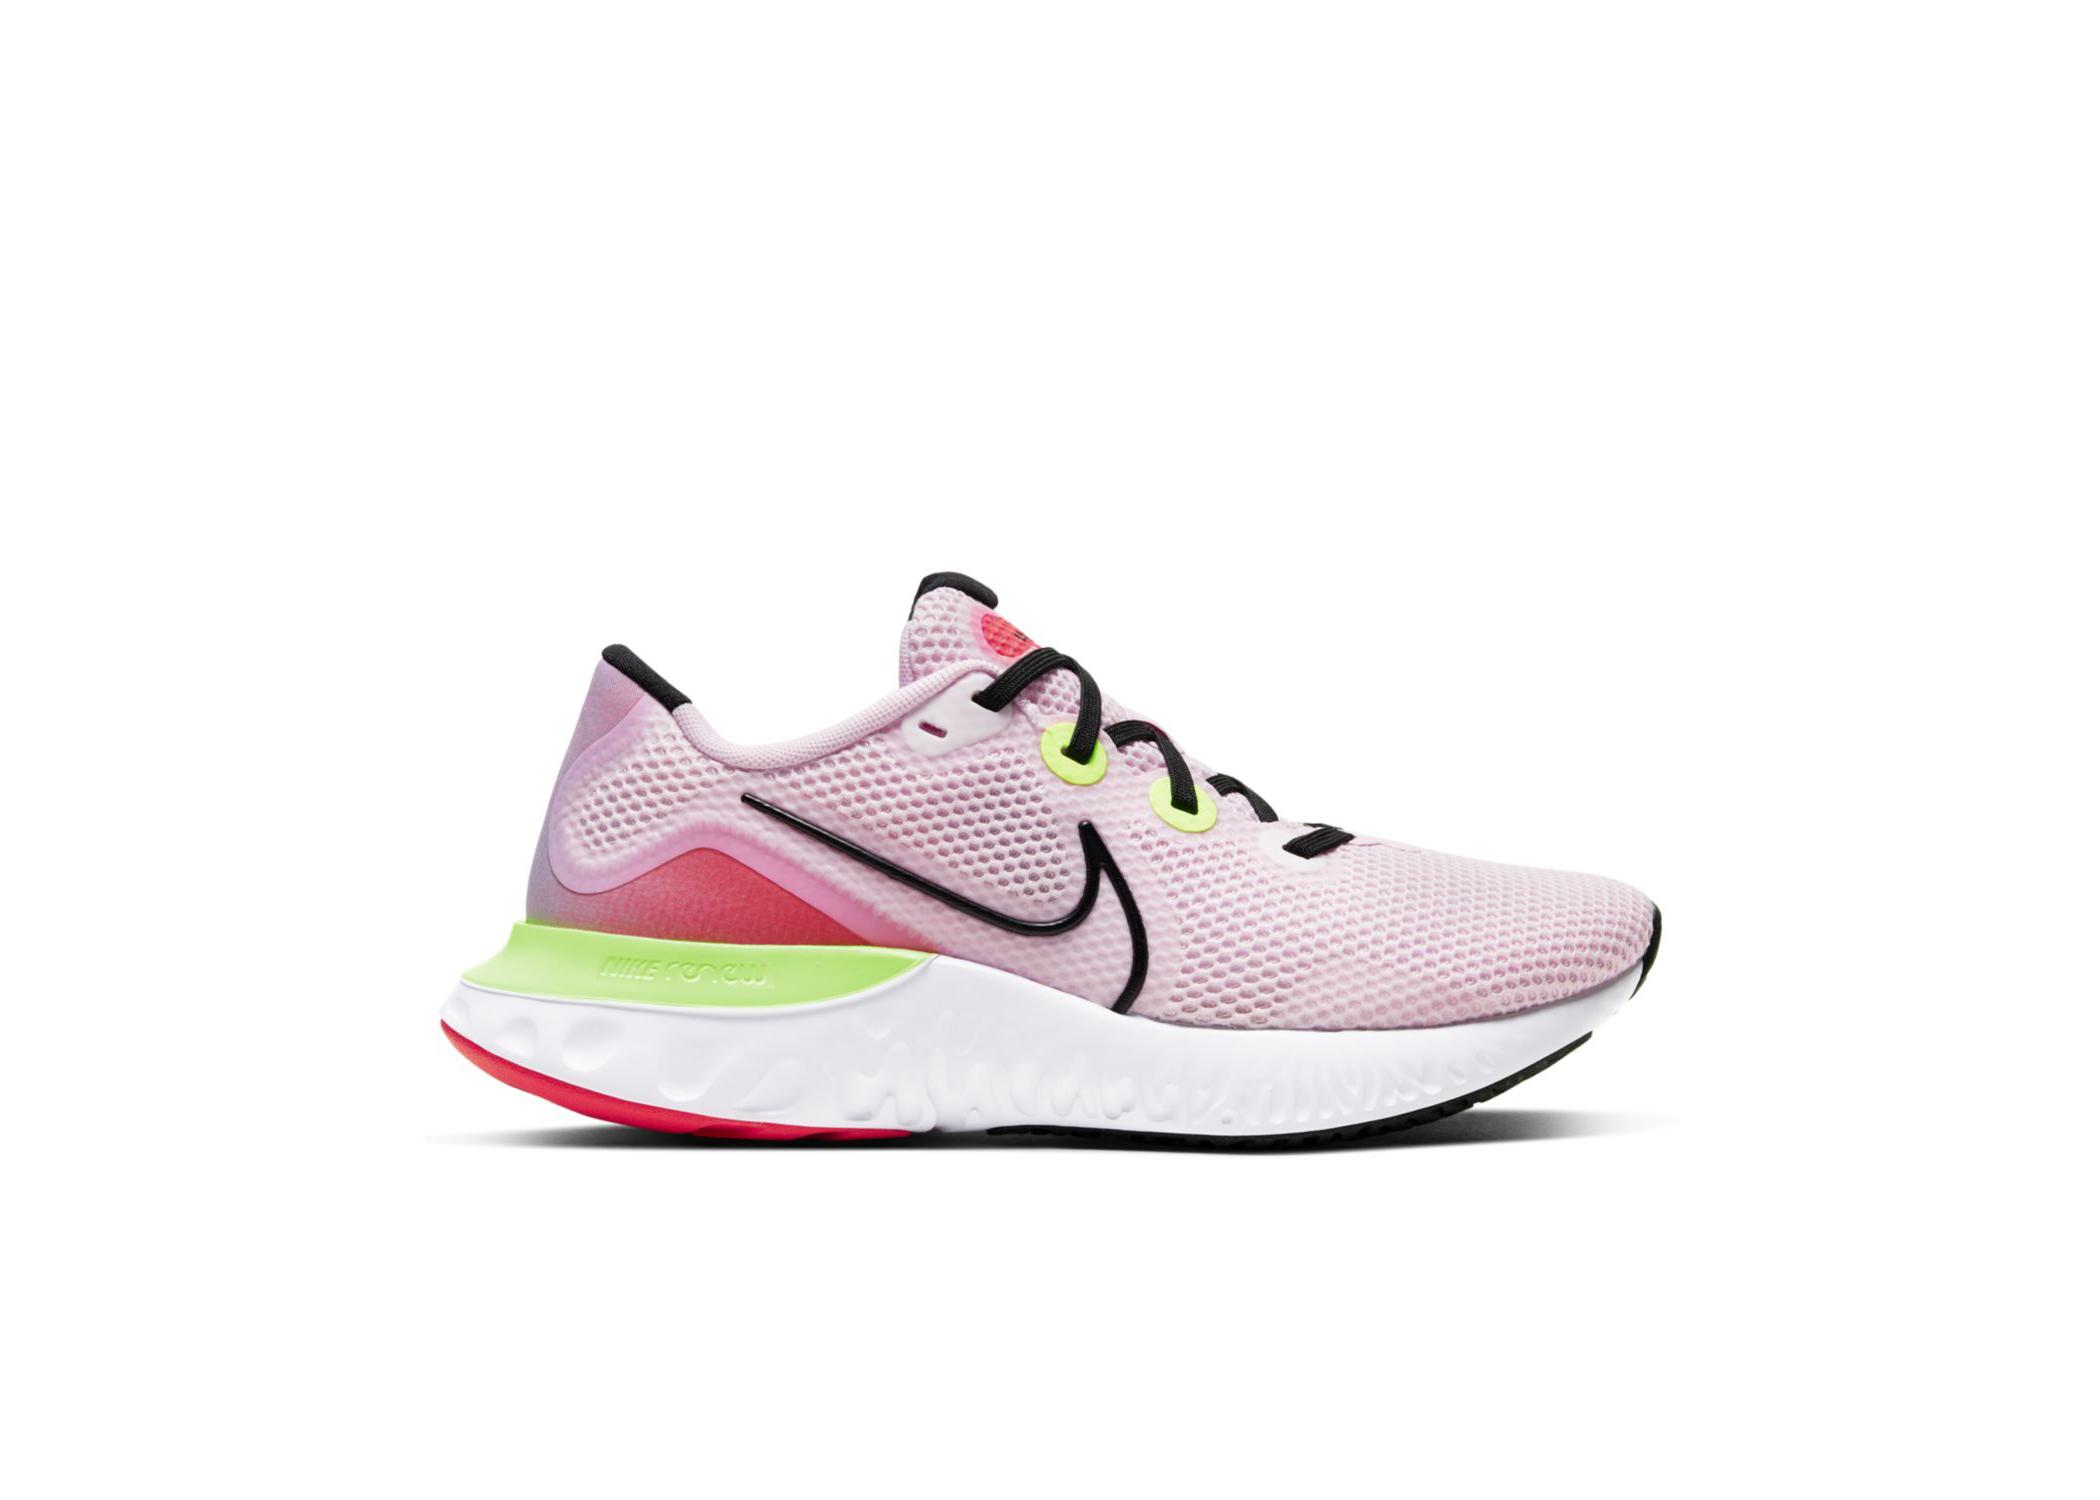 Nike Renew Run Pink Foam (W) - CW5637-600